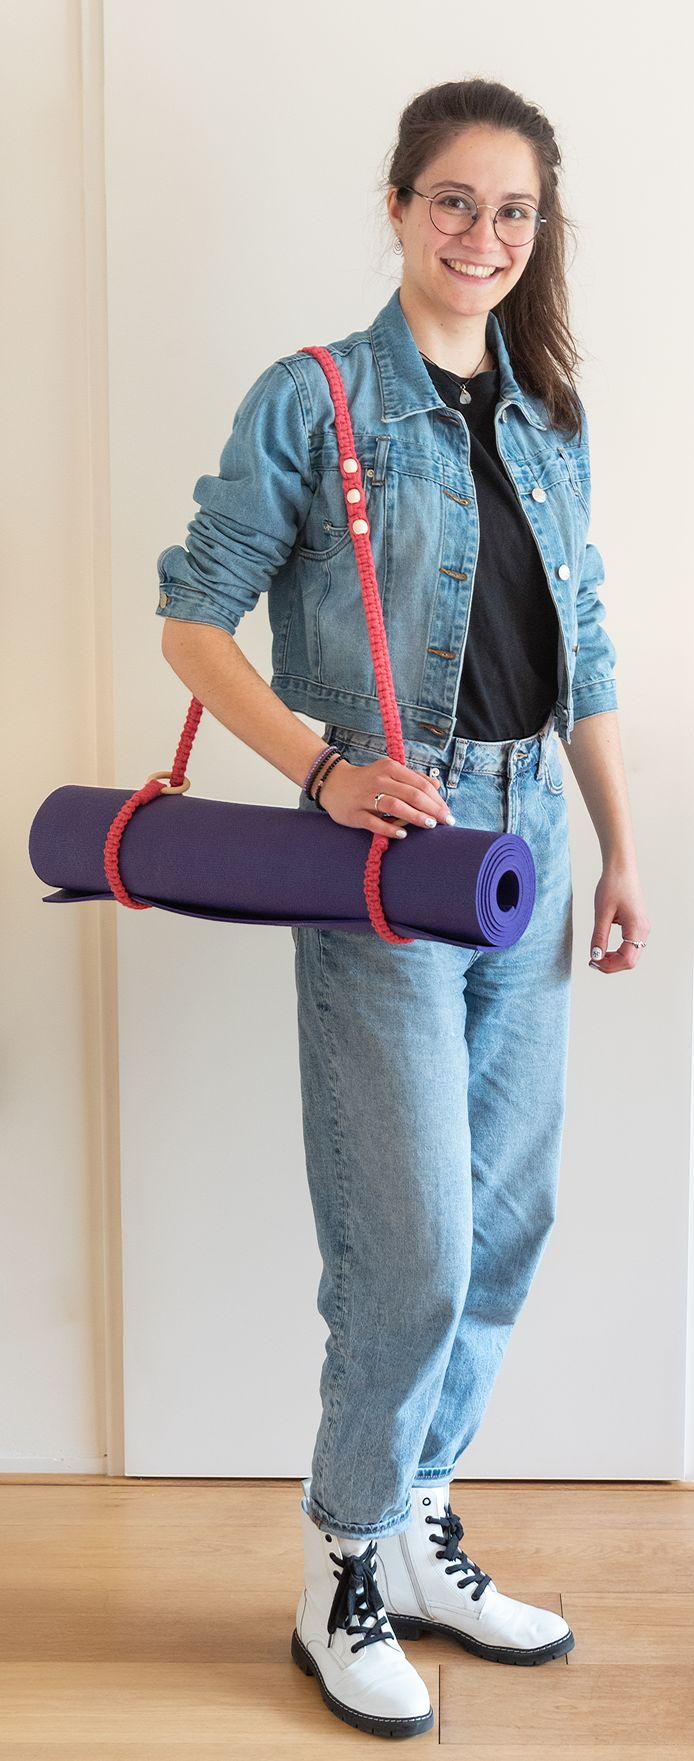 Jessie Kamp maakt draagbanden voor yogamatten.